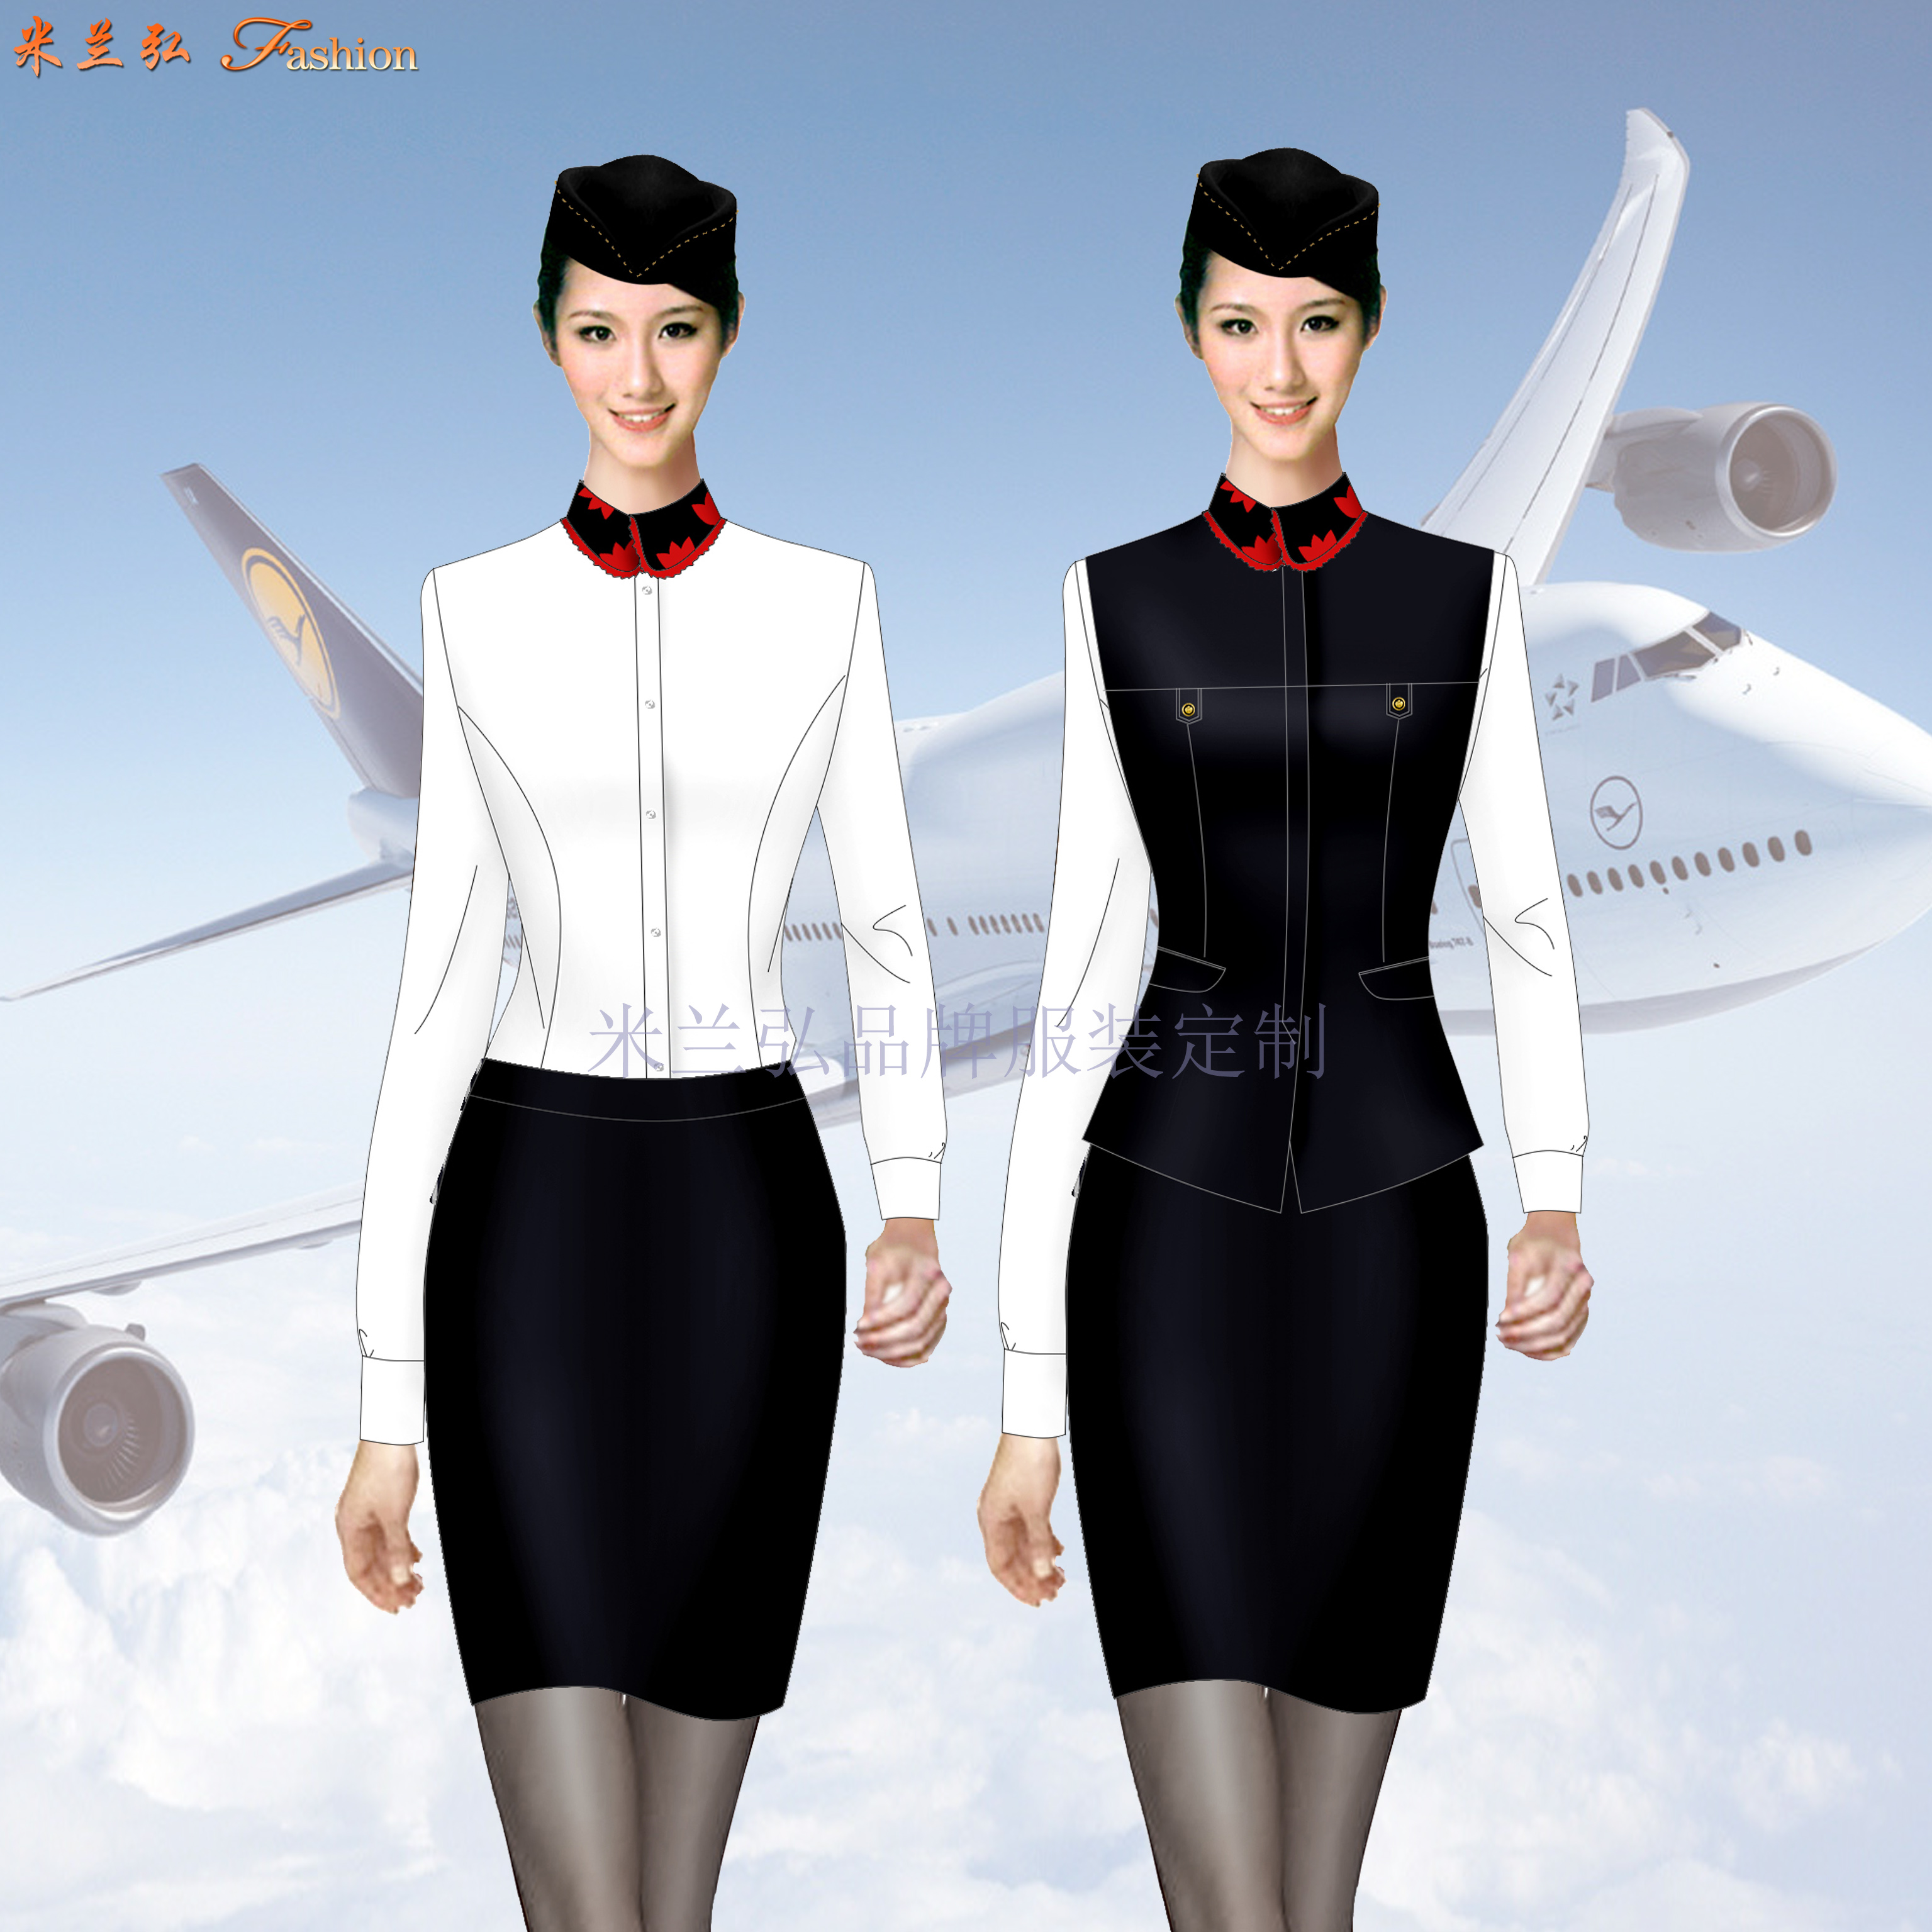 「夏季空姐服」批發定做空姐服夏季短袖套裝廠家-米蘭弘服裝-2